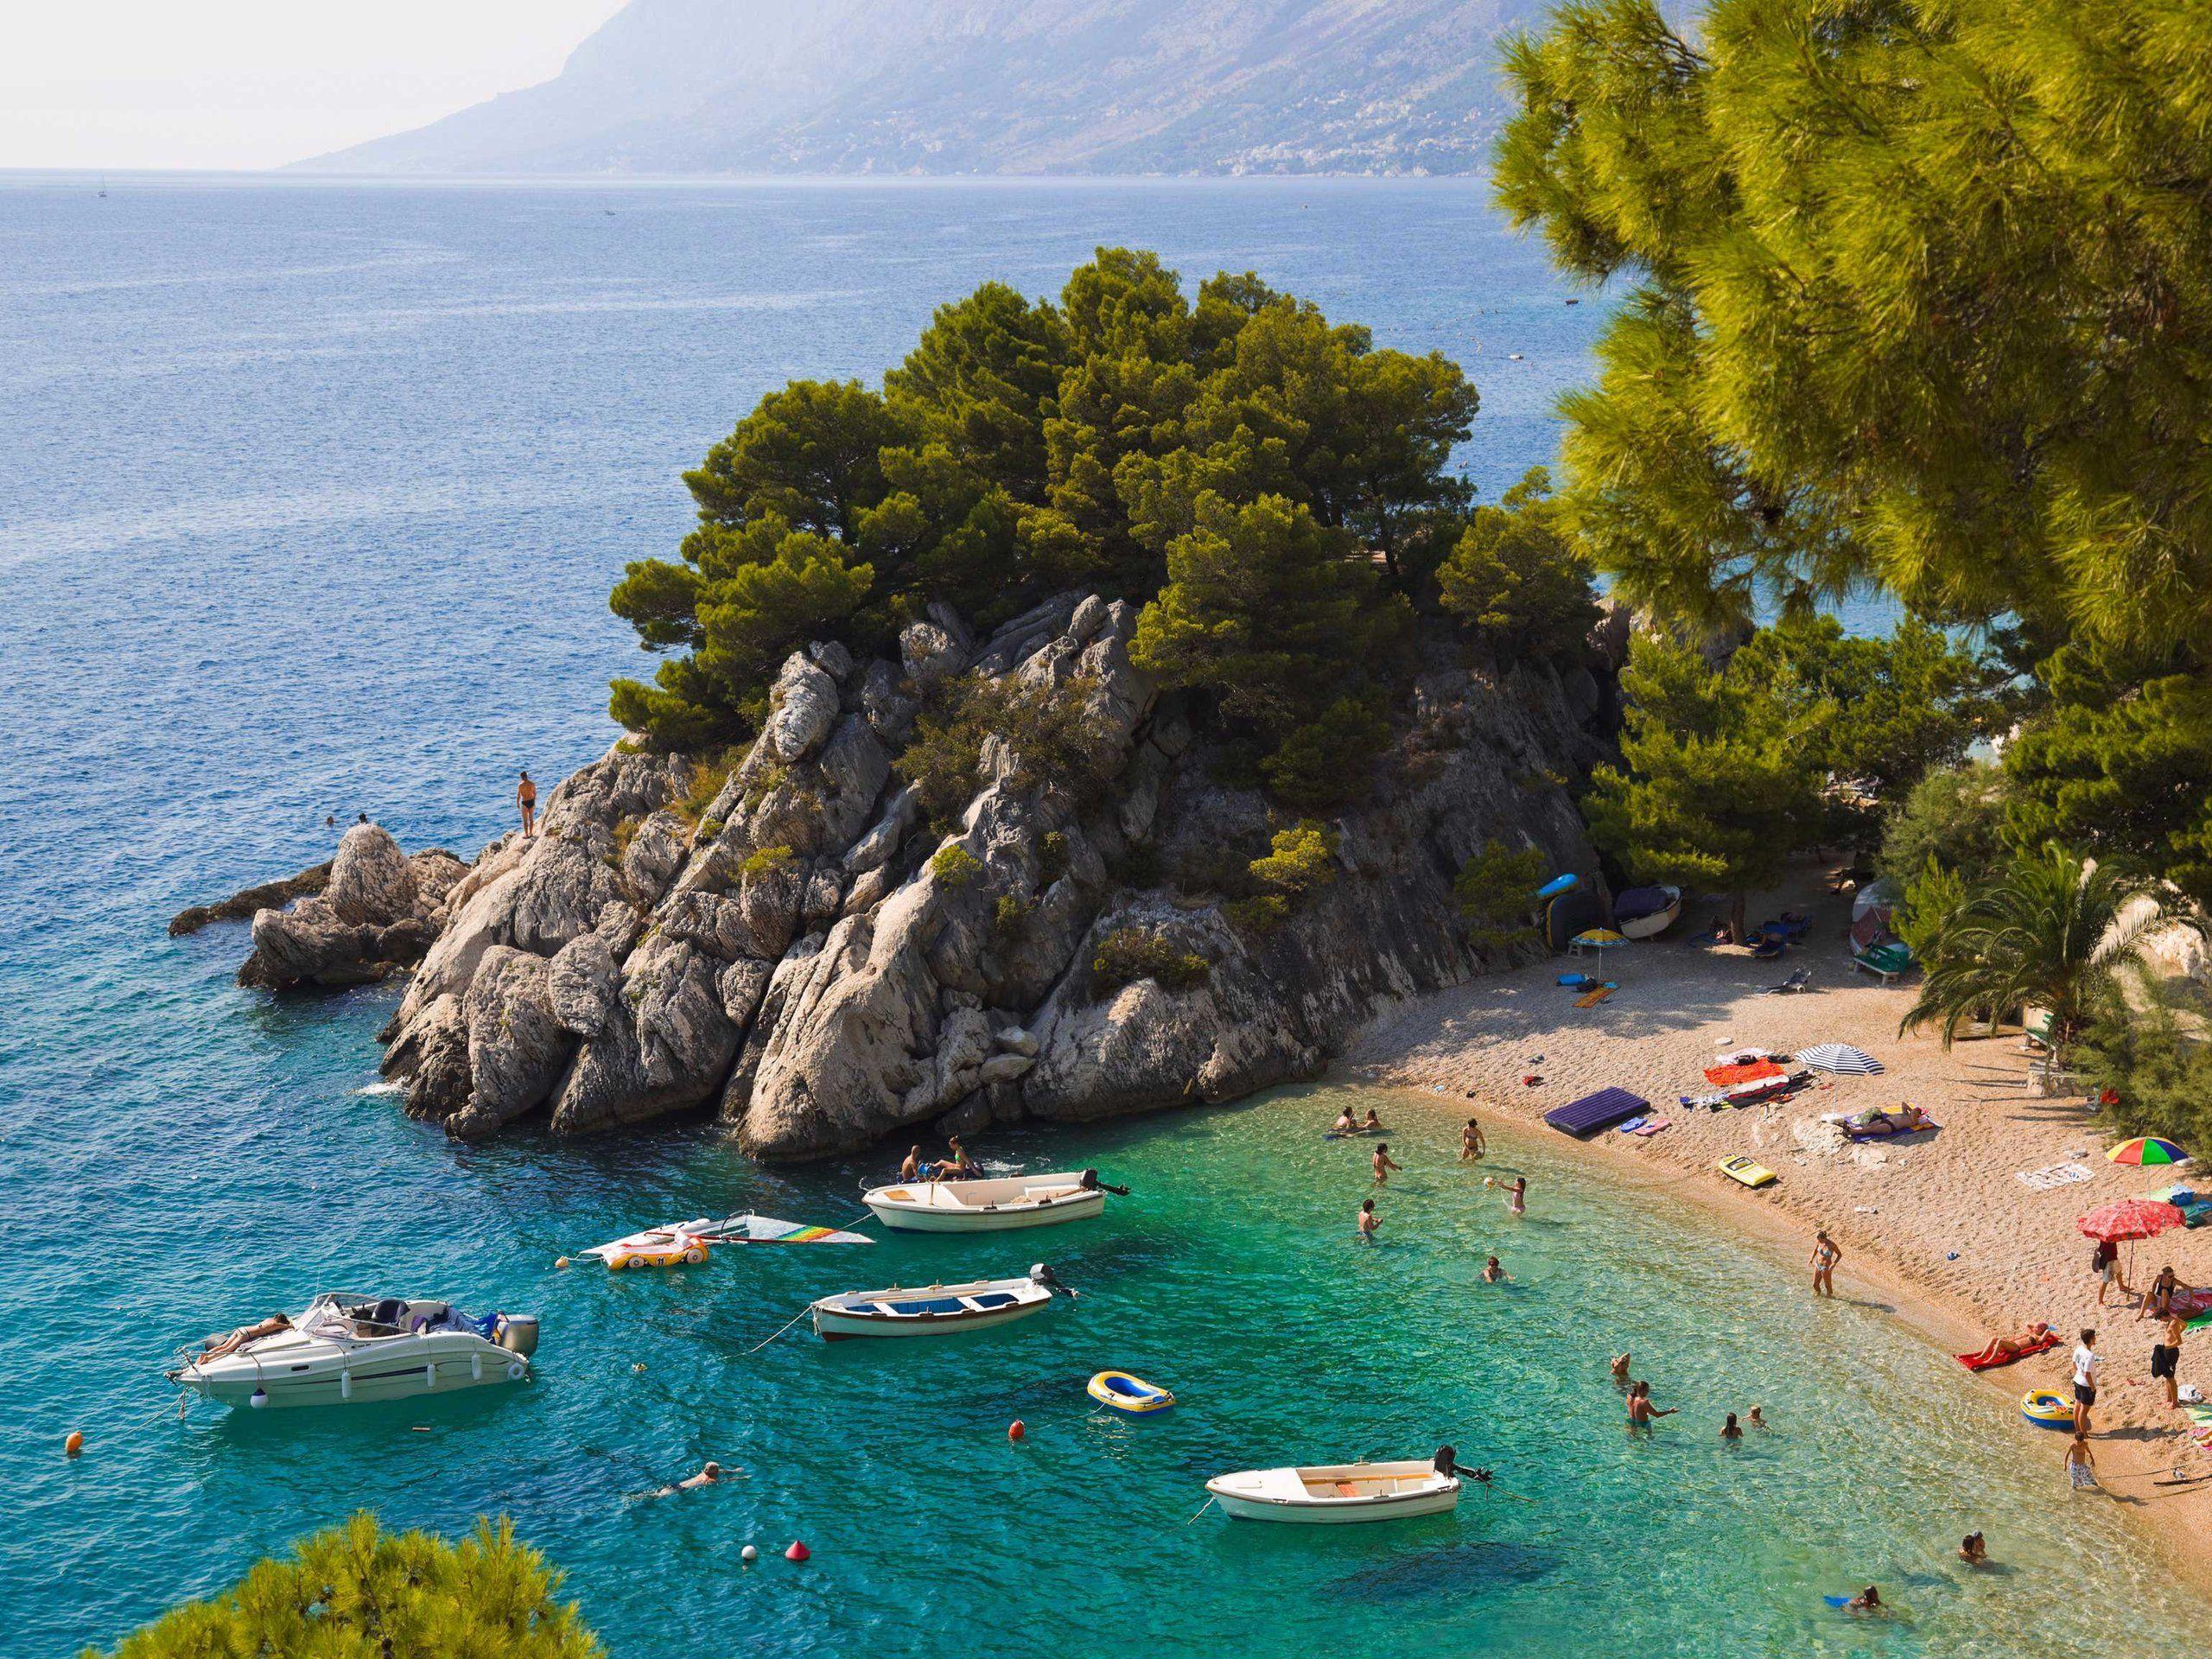 14 photos of beaches in Croatia Beautiful